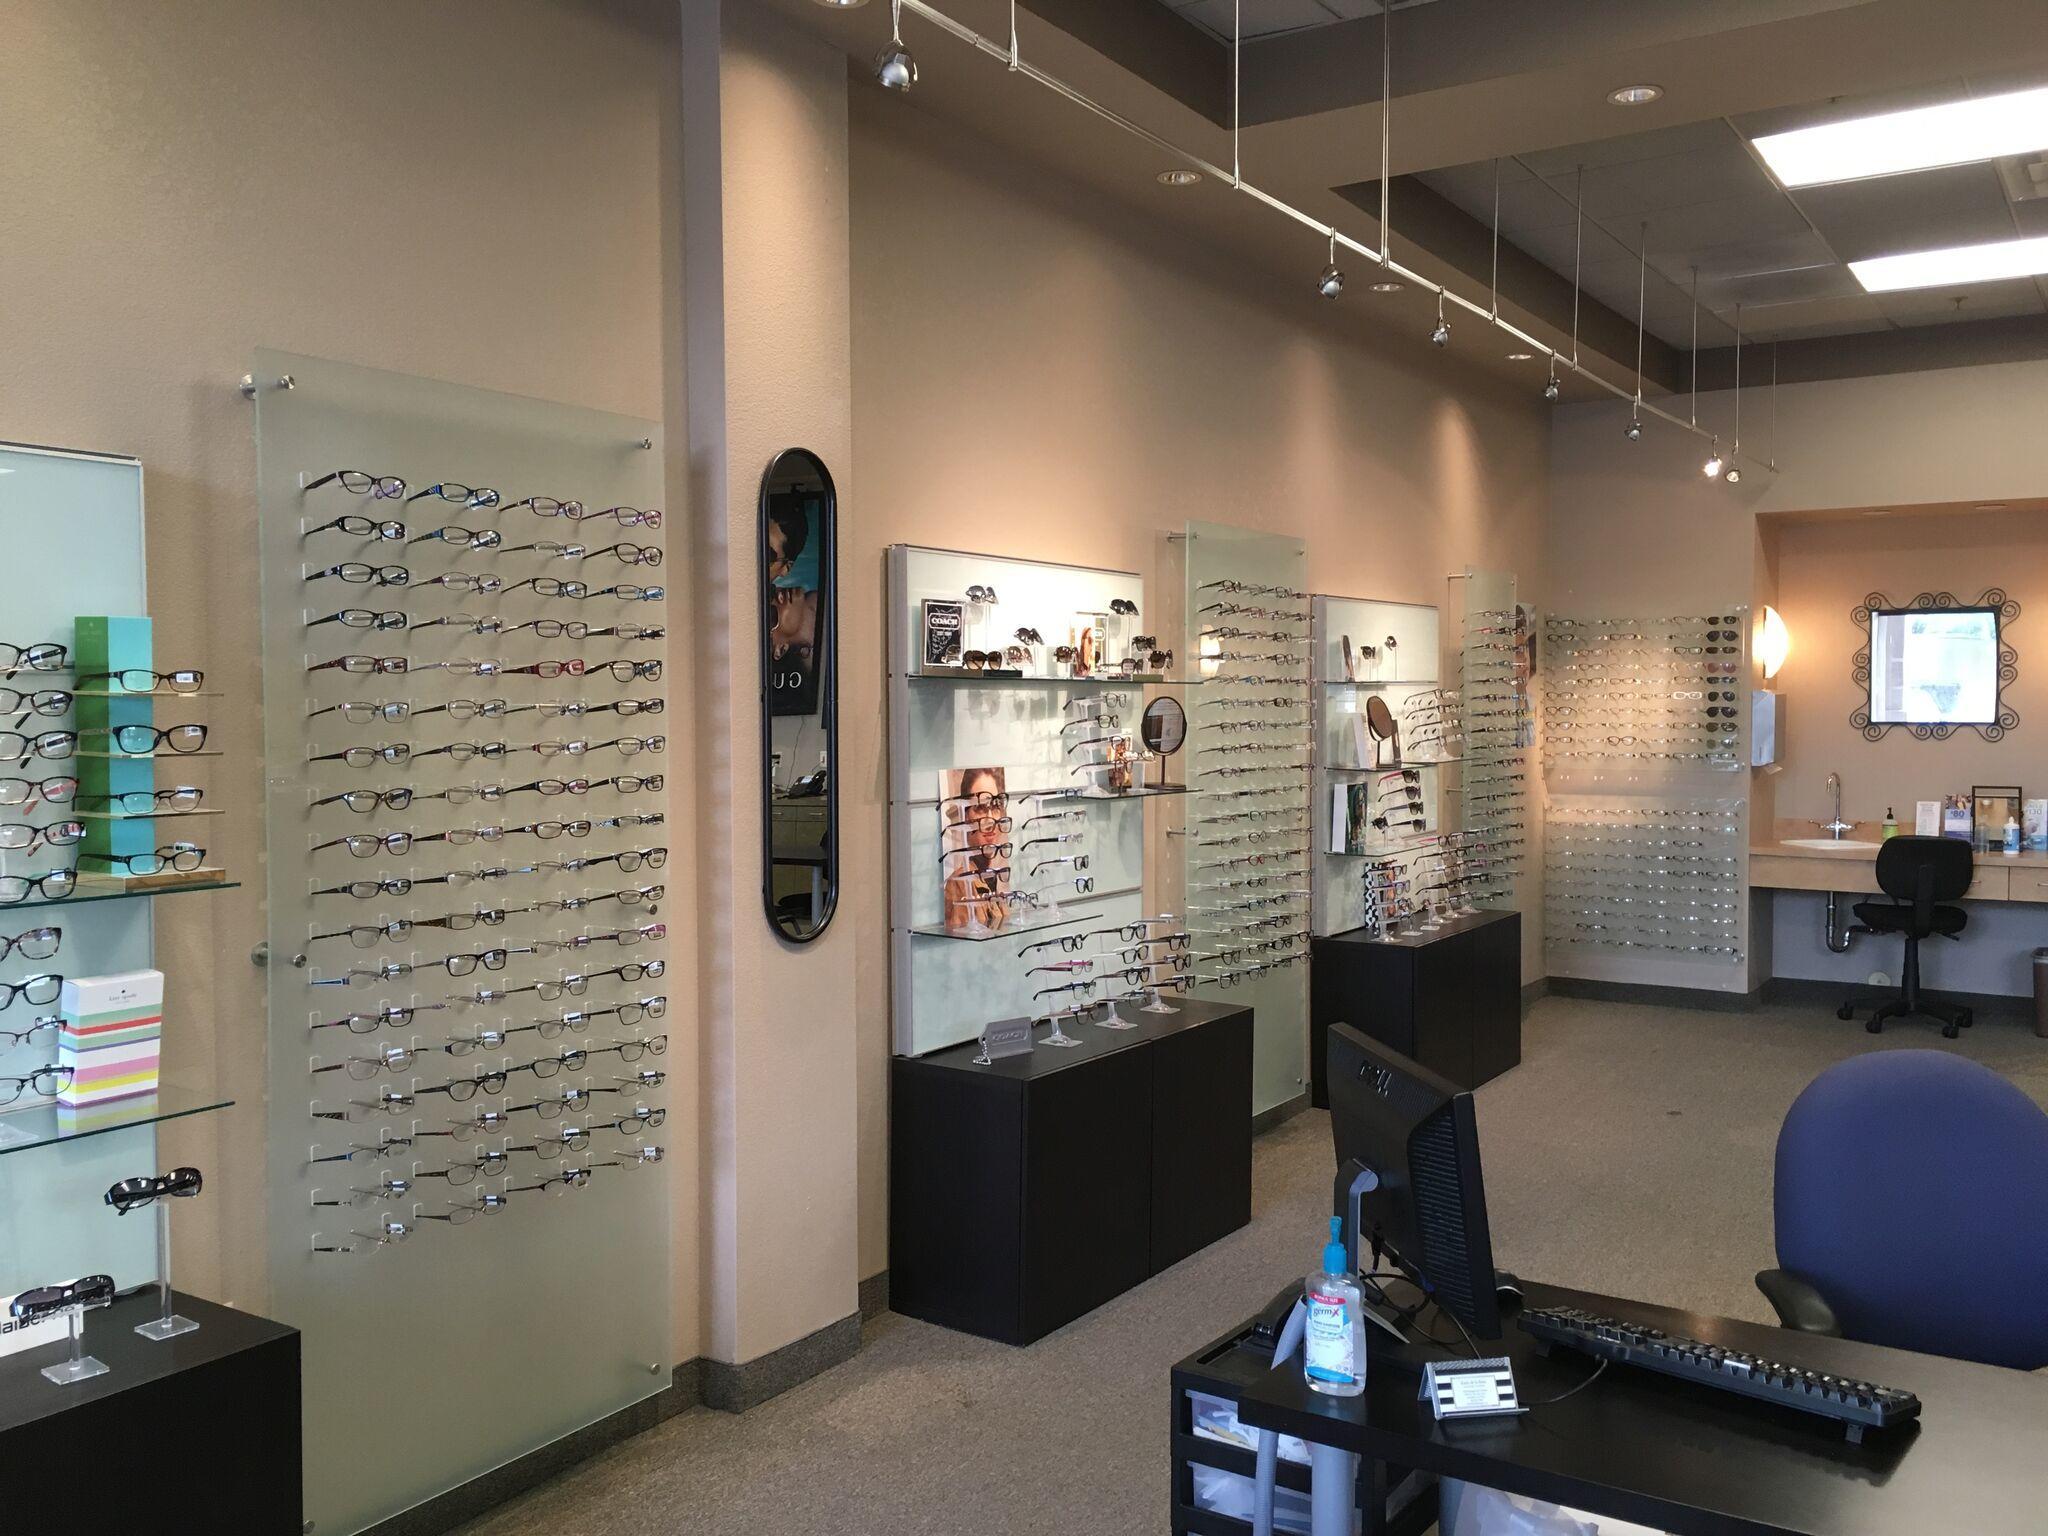 20/20 Image Eye Centers image 3